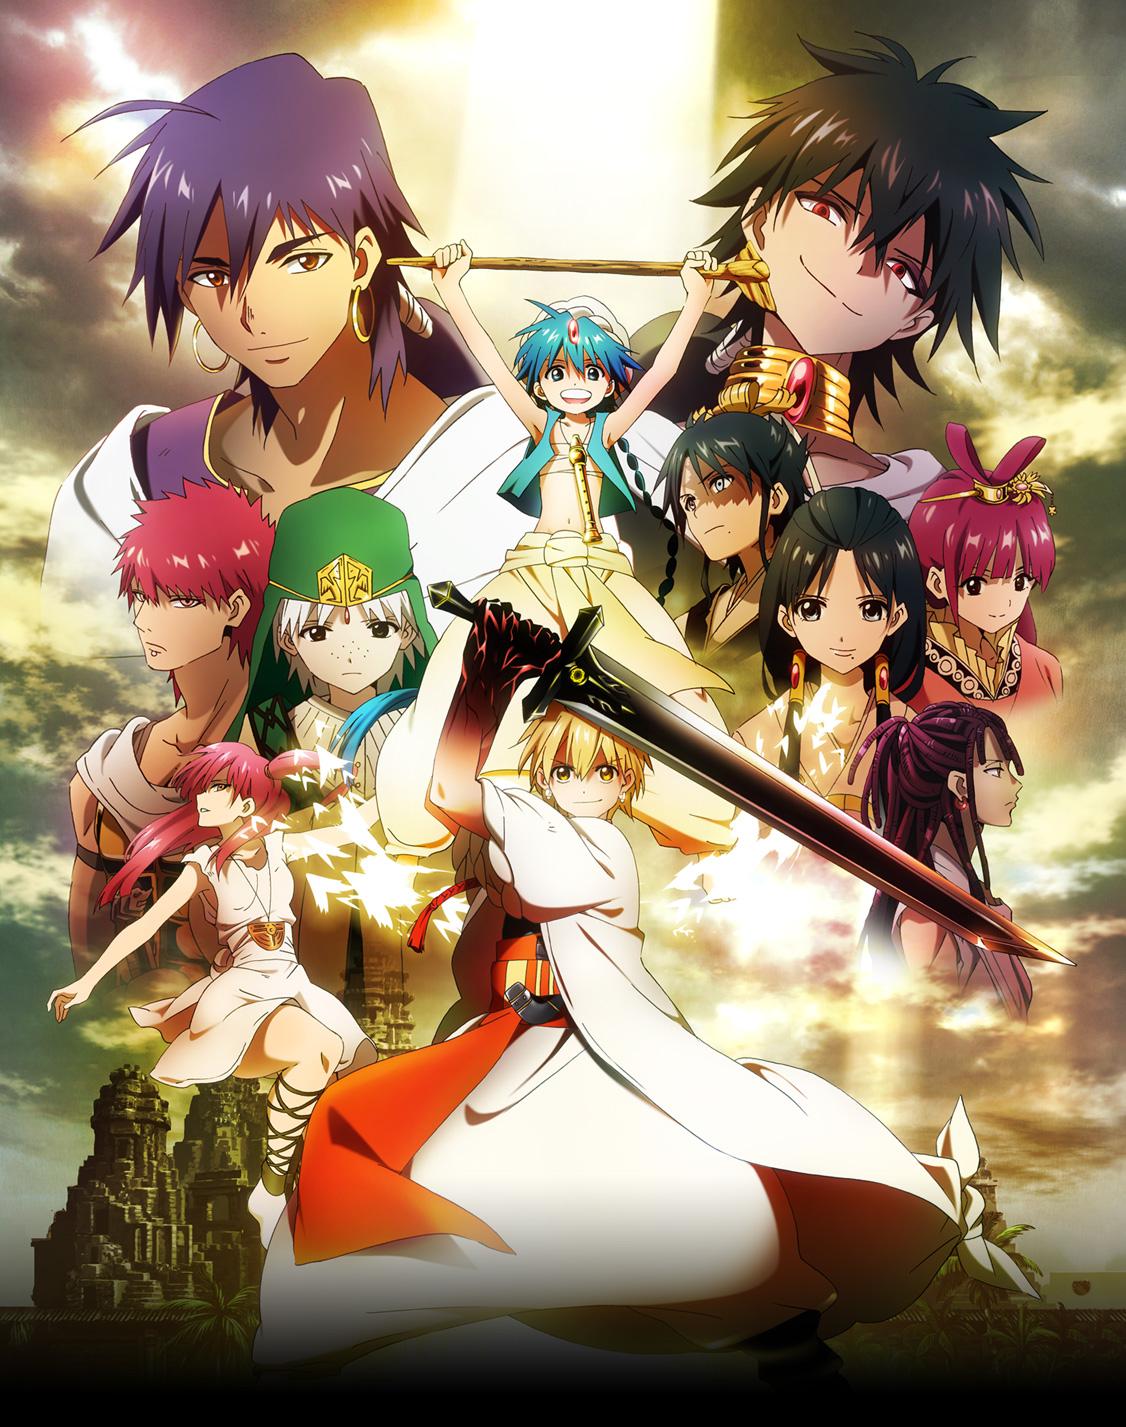 [Phim Anime 3GP] Magi the Labyrinth of Magic-Anime Hành động,phiêu lưu cực hay-Link tải trực tiếp cho mọi loại điện thoại